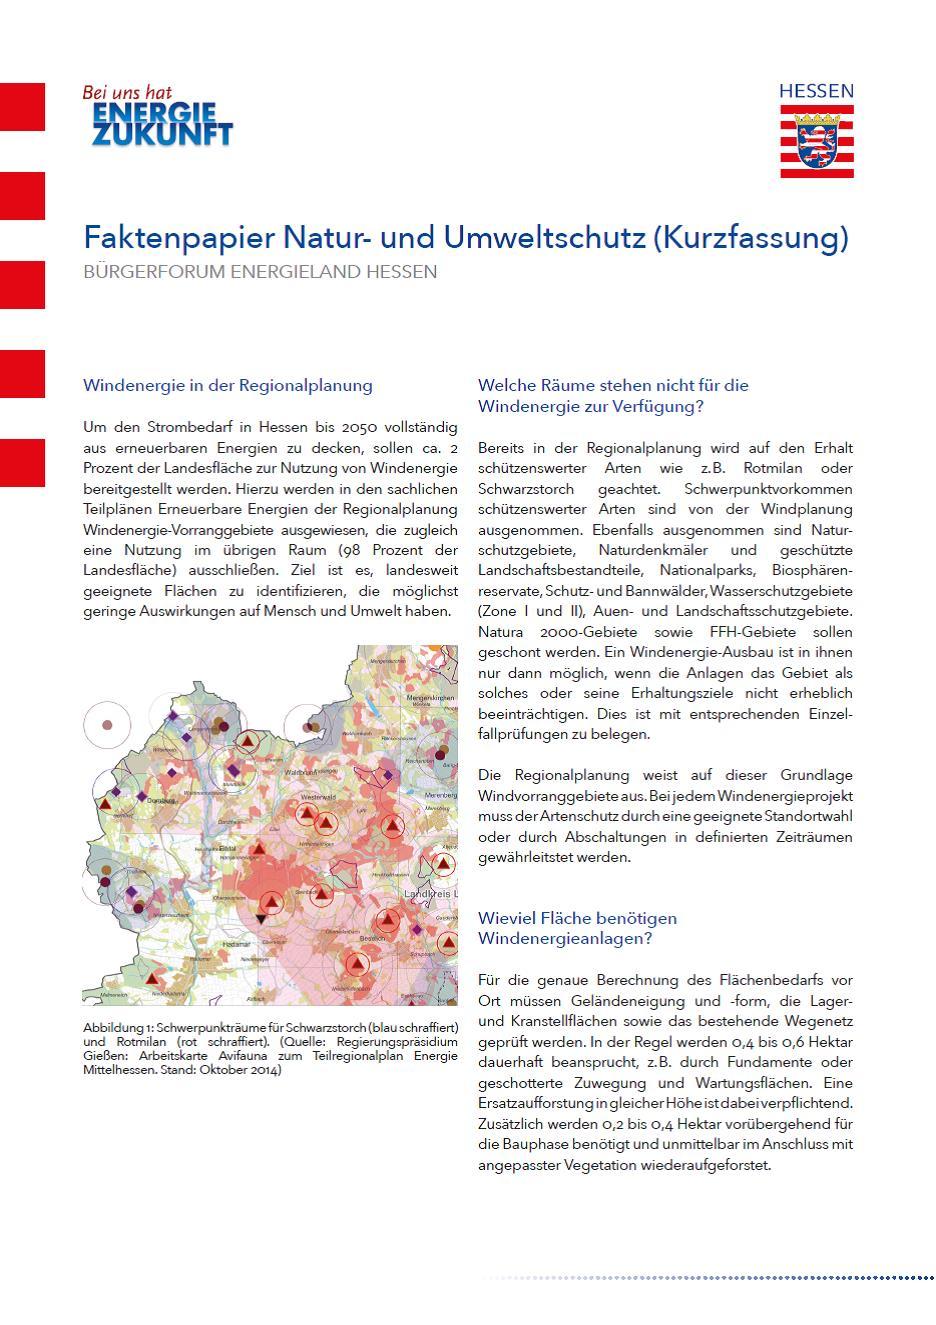 Kurzfassung Faktenpapier Natur- und Umweltschutz